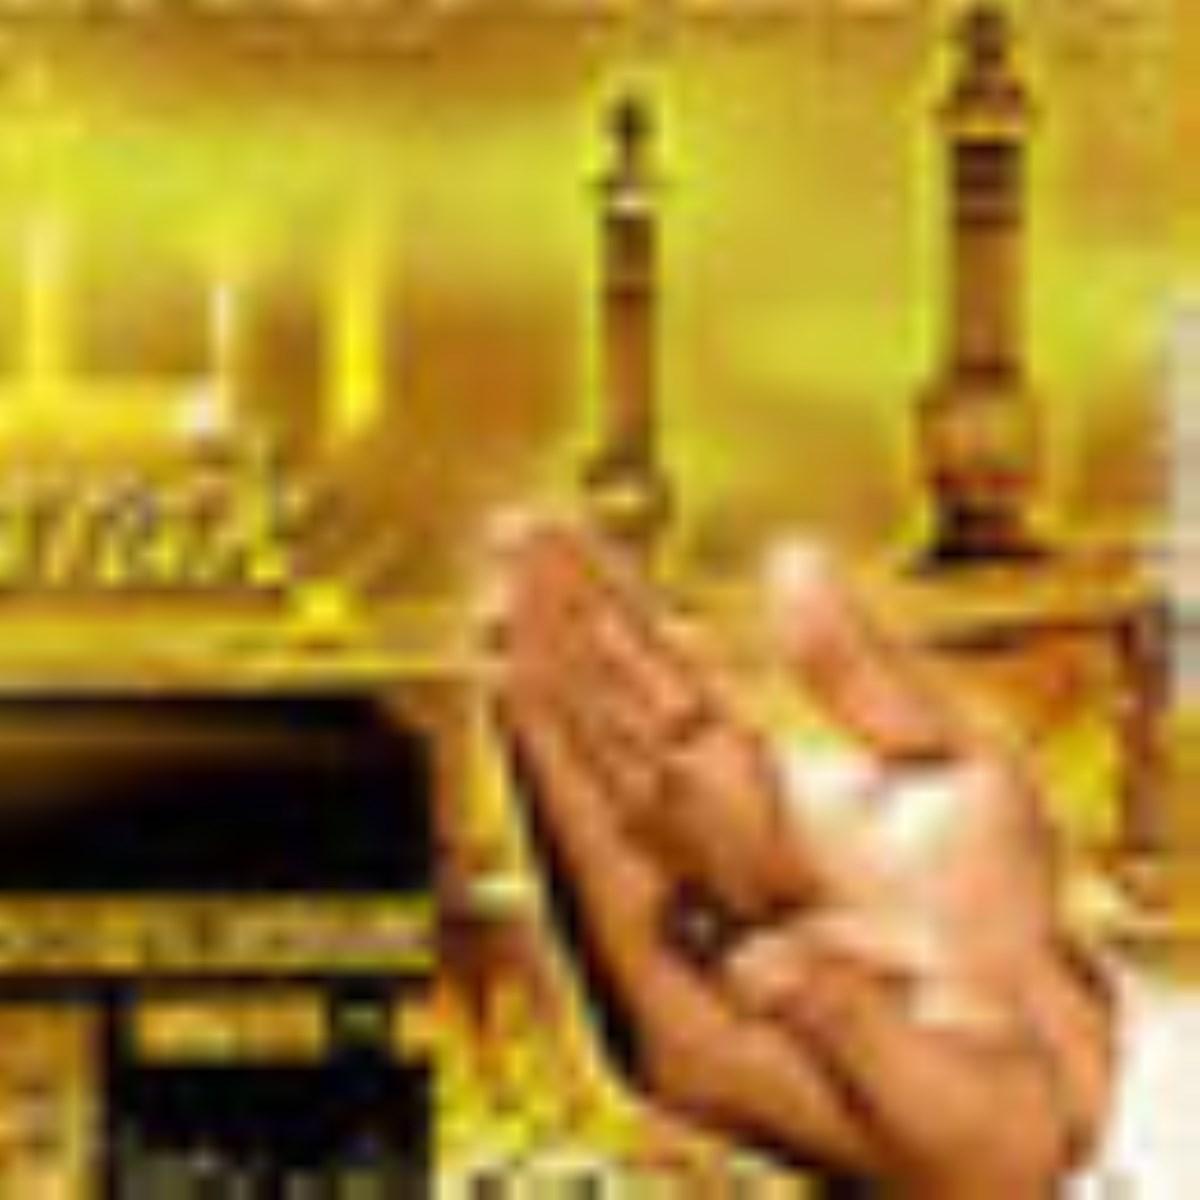 نماز موهبتي الهي